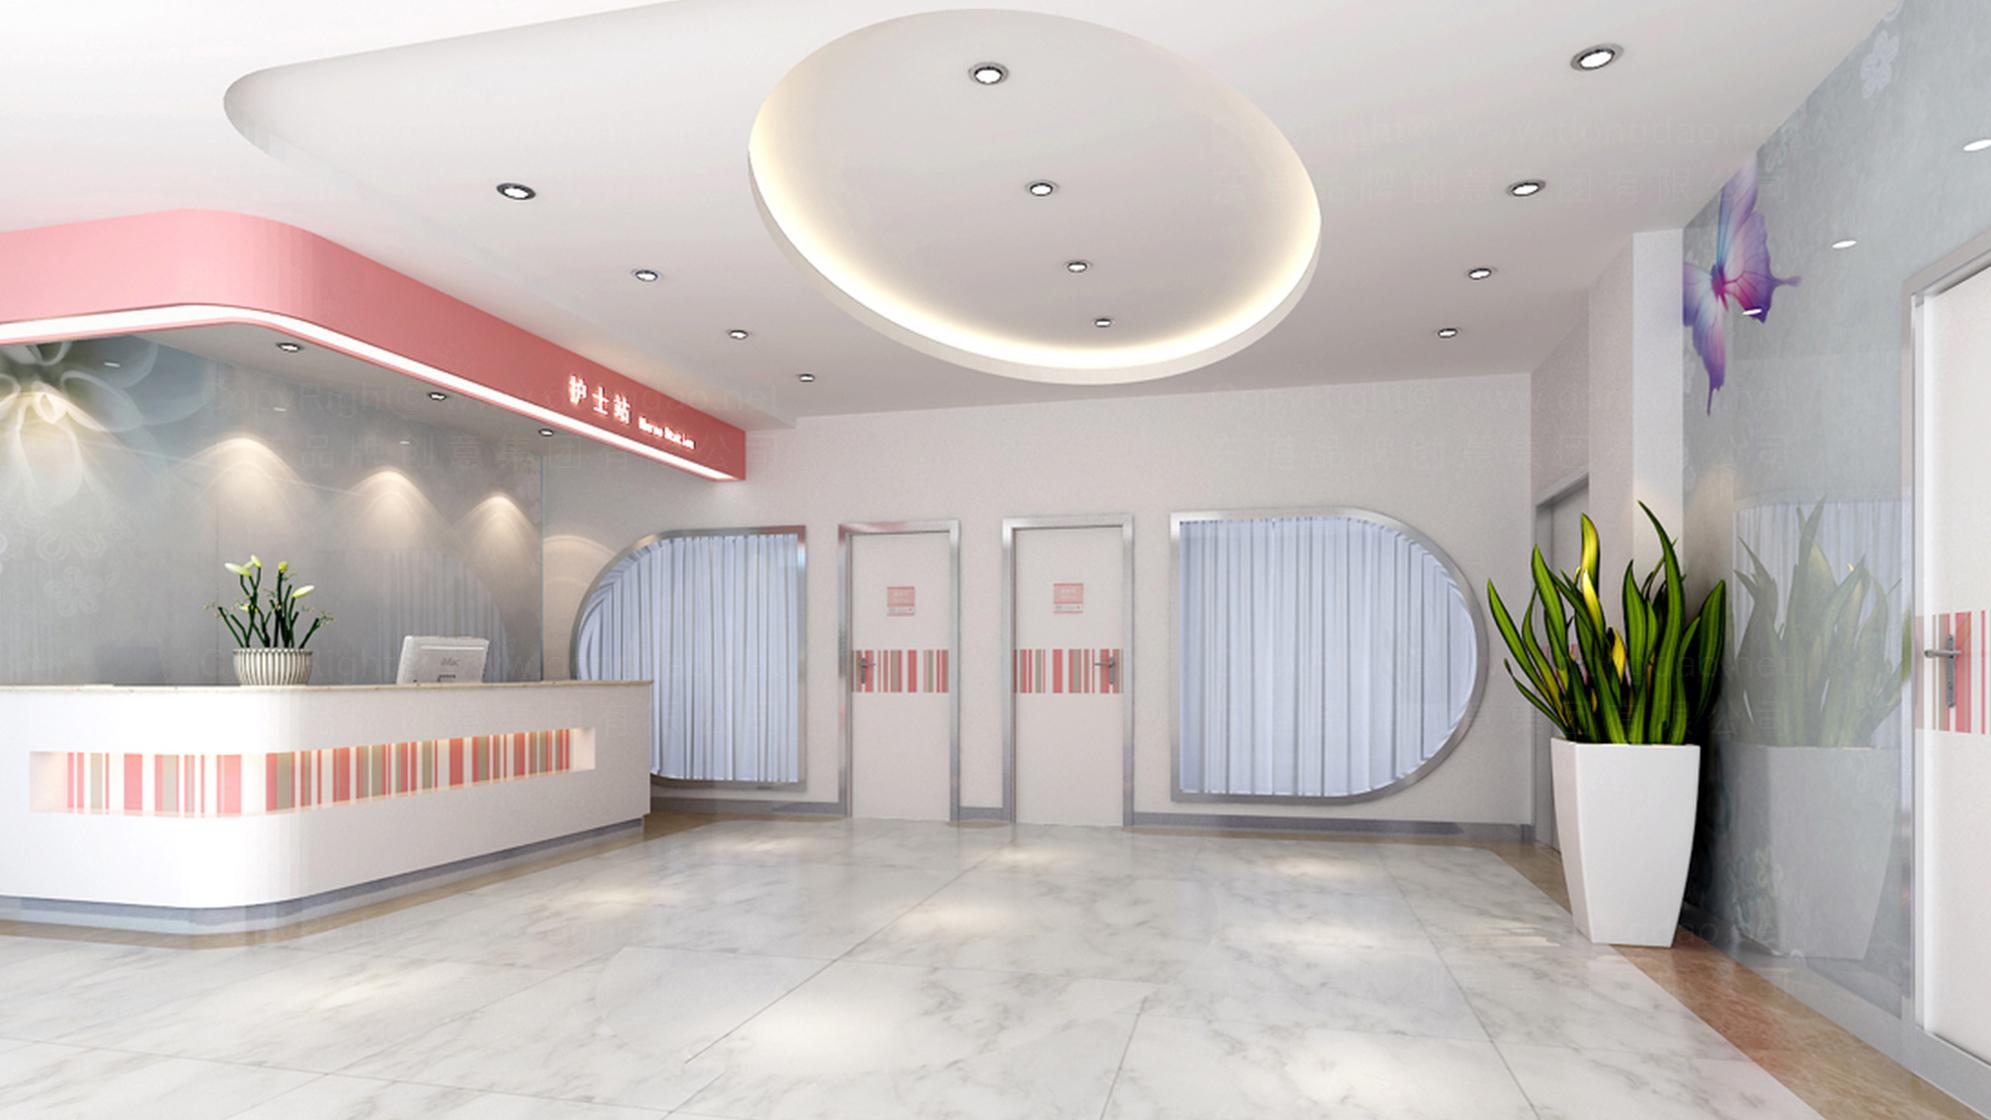 品牌设计北京五洲女子医院LOGO&VI设计应用场景_1